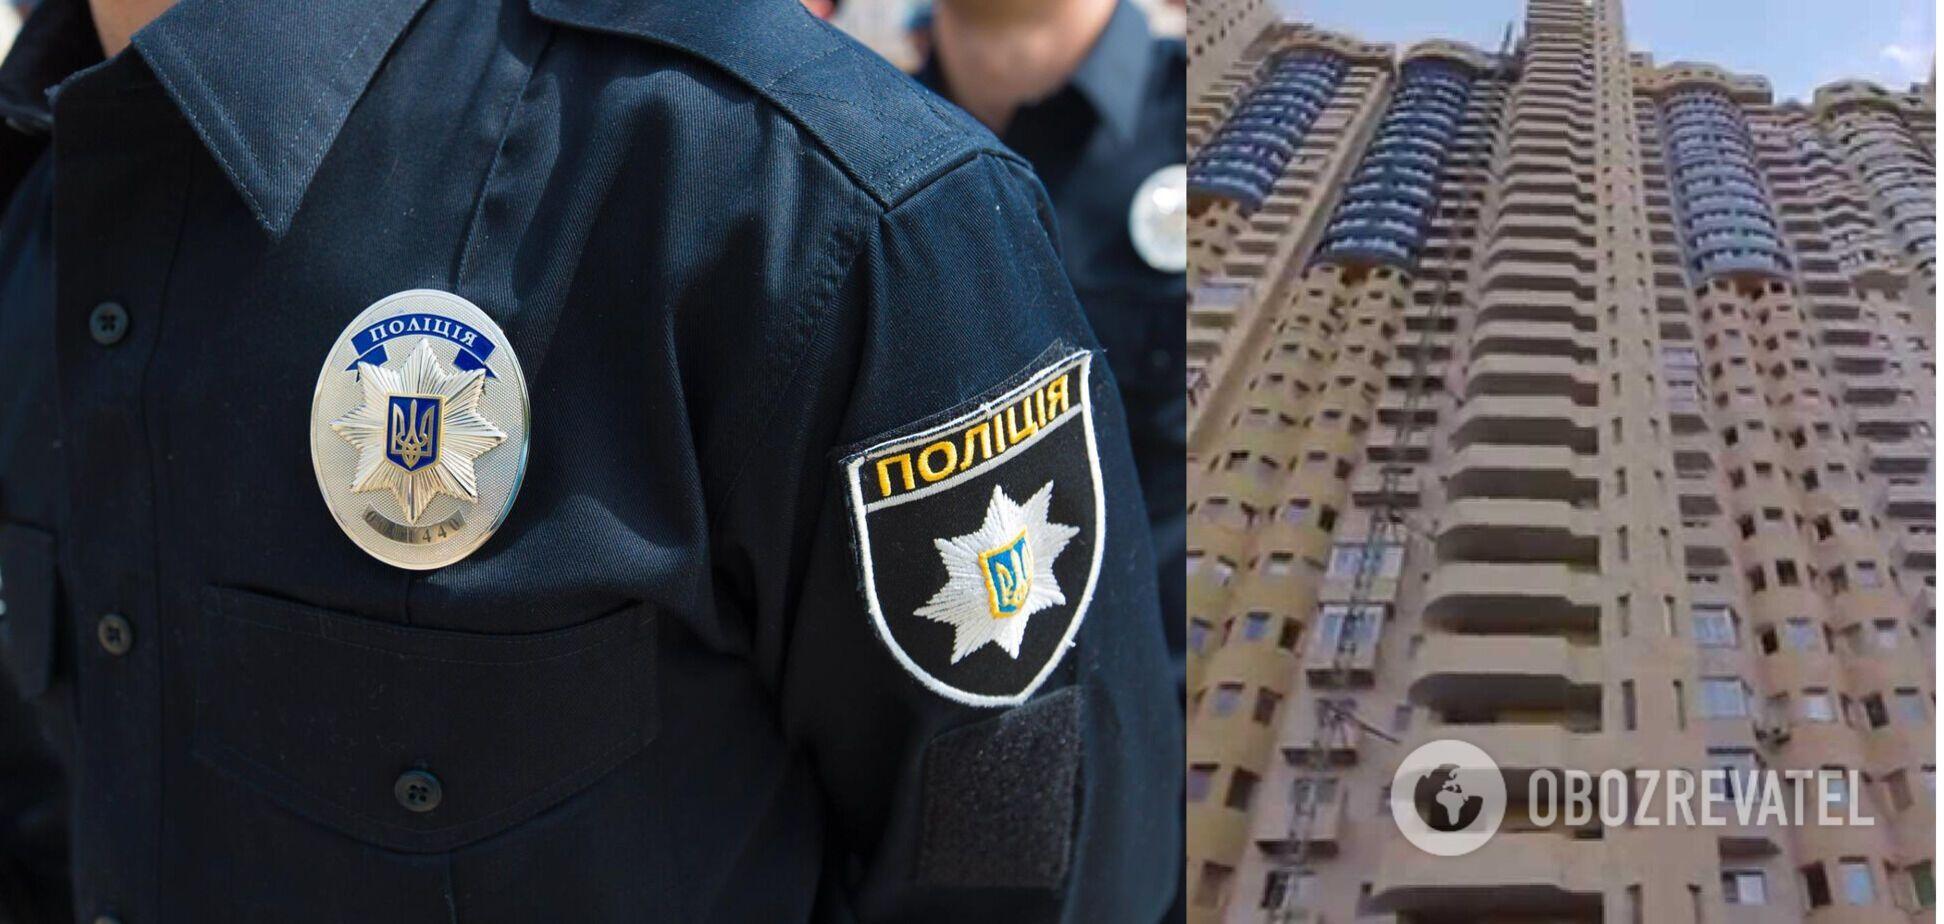 В Киеве девушка выпрыгнула из высотки. Фото 18+